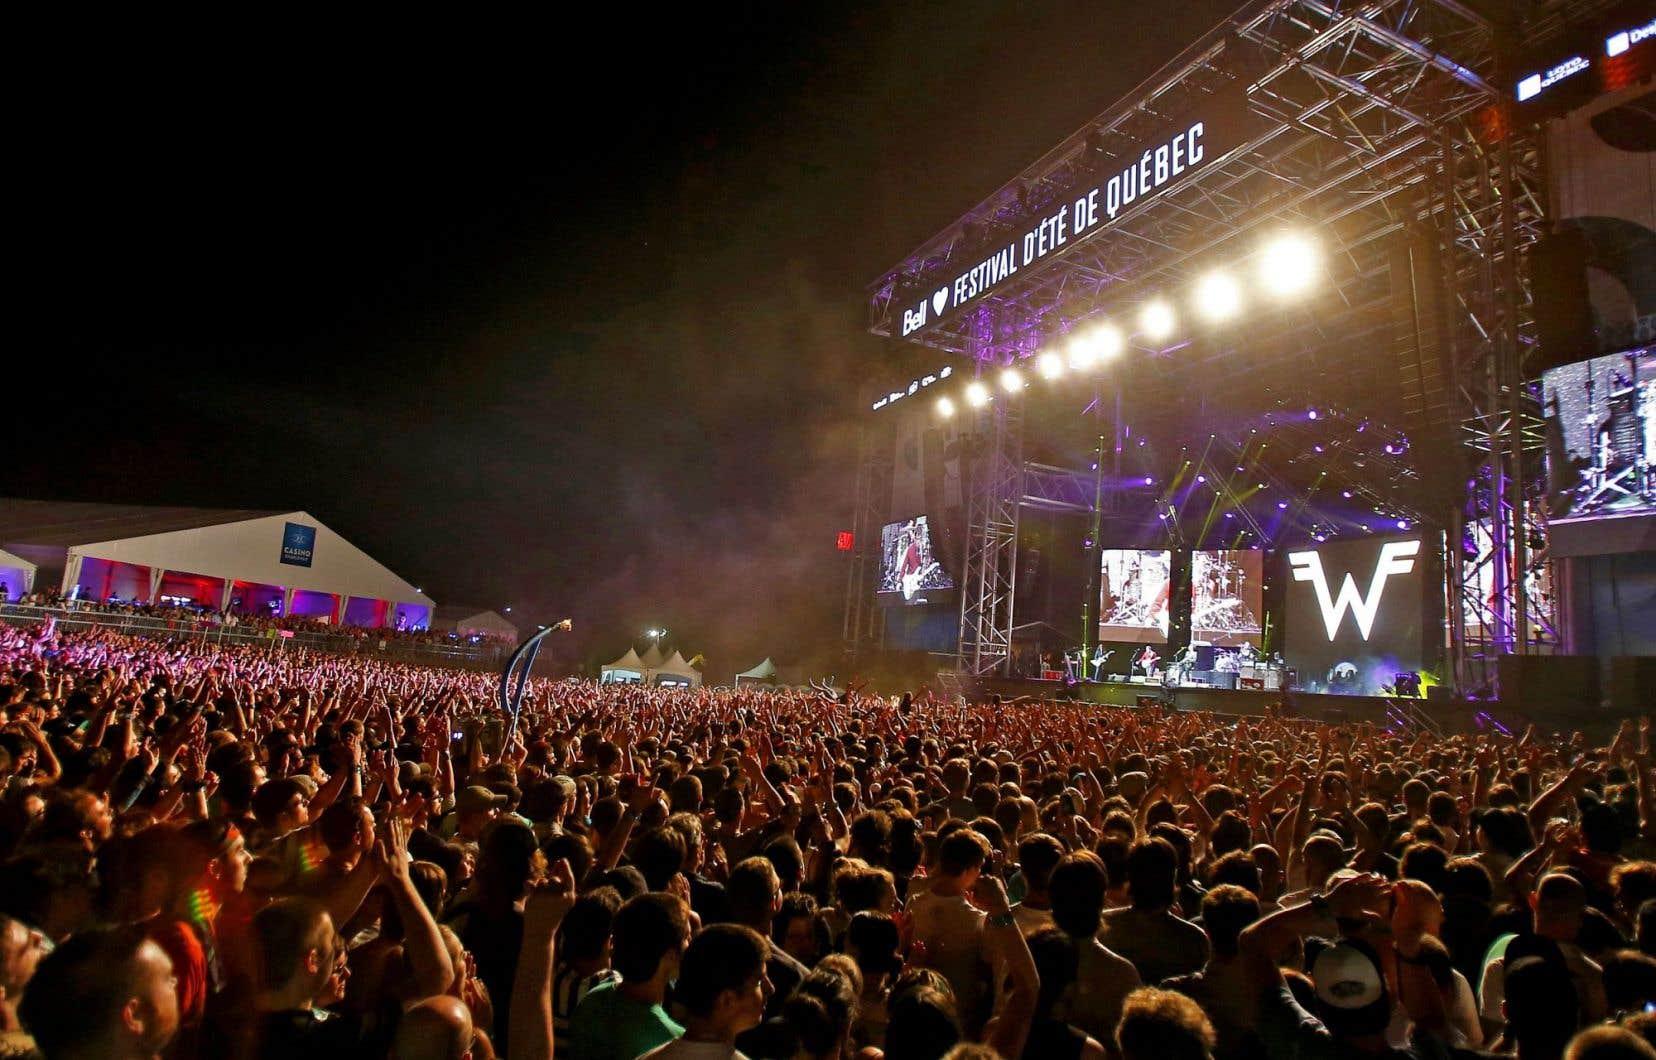 Le Festival international de jazz de Montréal, les FrancoFolies de Montréal, le Festival d'été de Québec et le Festival Juste pour rire sont parmi les événements touchés.